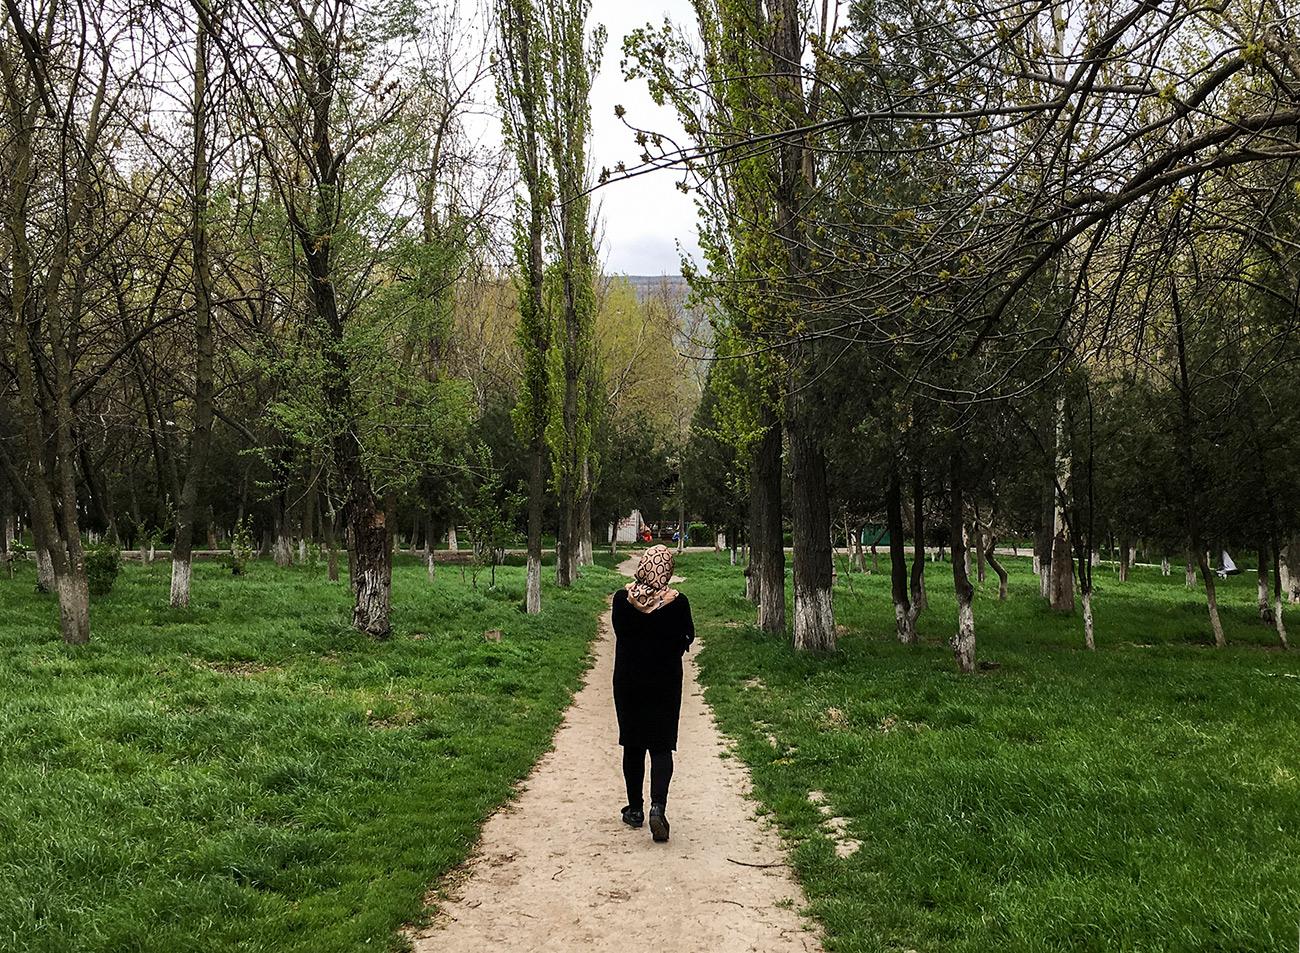 Makhatchkala est une jeune ville caucasienne qui n'a que 160 ans et qui compte un peu plus d'un demi-million d'habitants. Dans la rue, outre l'avar, on peut entendre le nogaï, le lezguine et onze autres langues qui sont officielles, comme le russe.